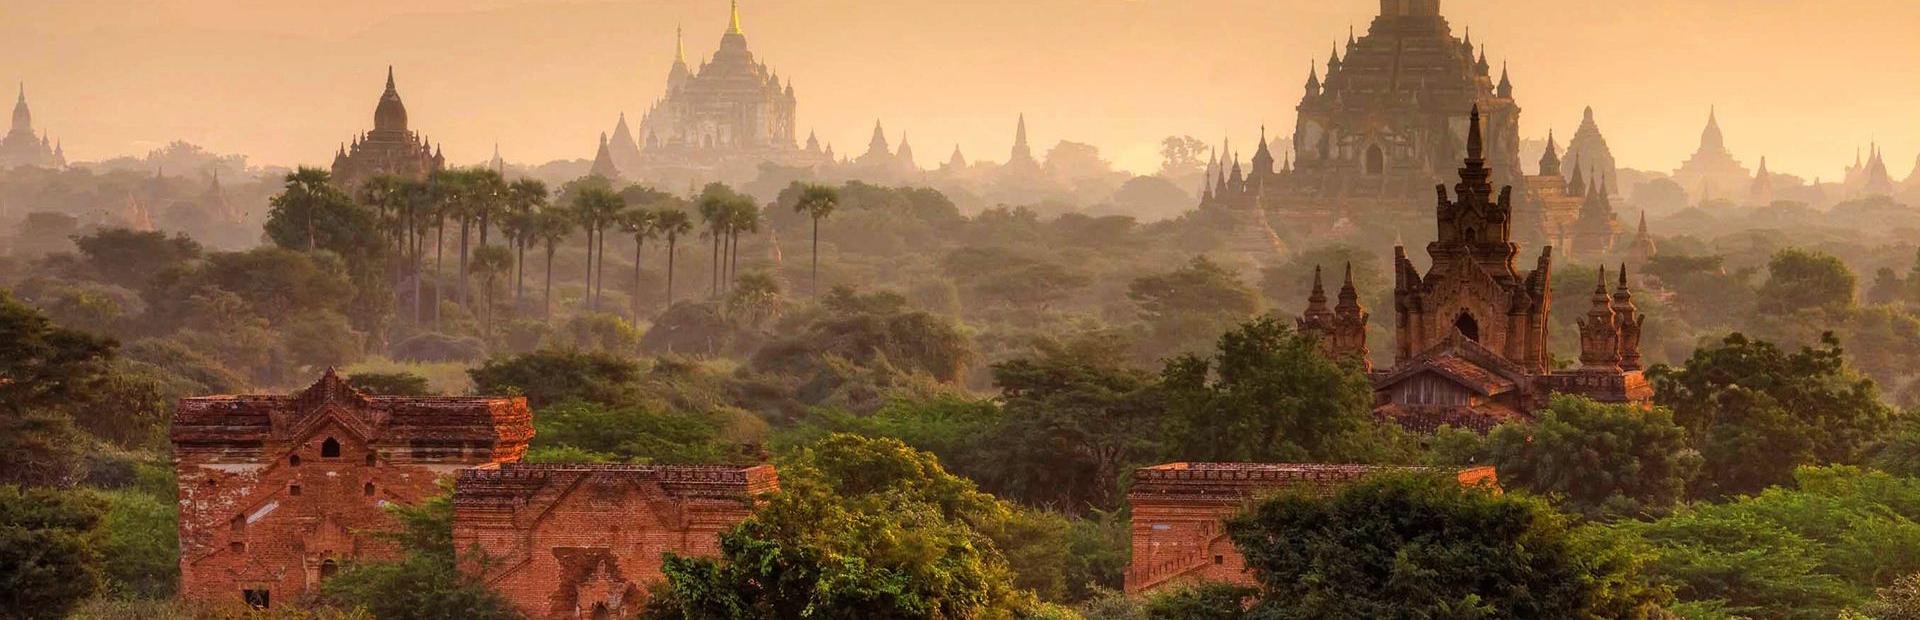 Myanmar_Tour_1920x620